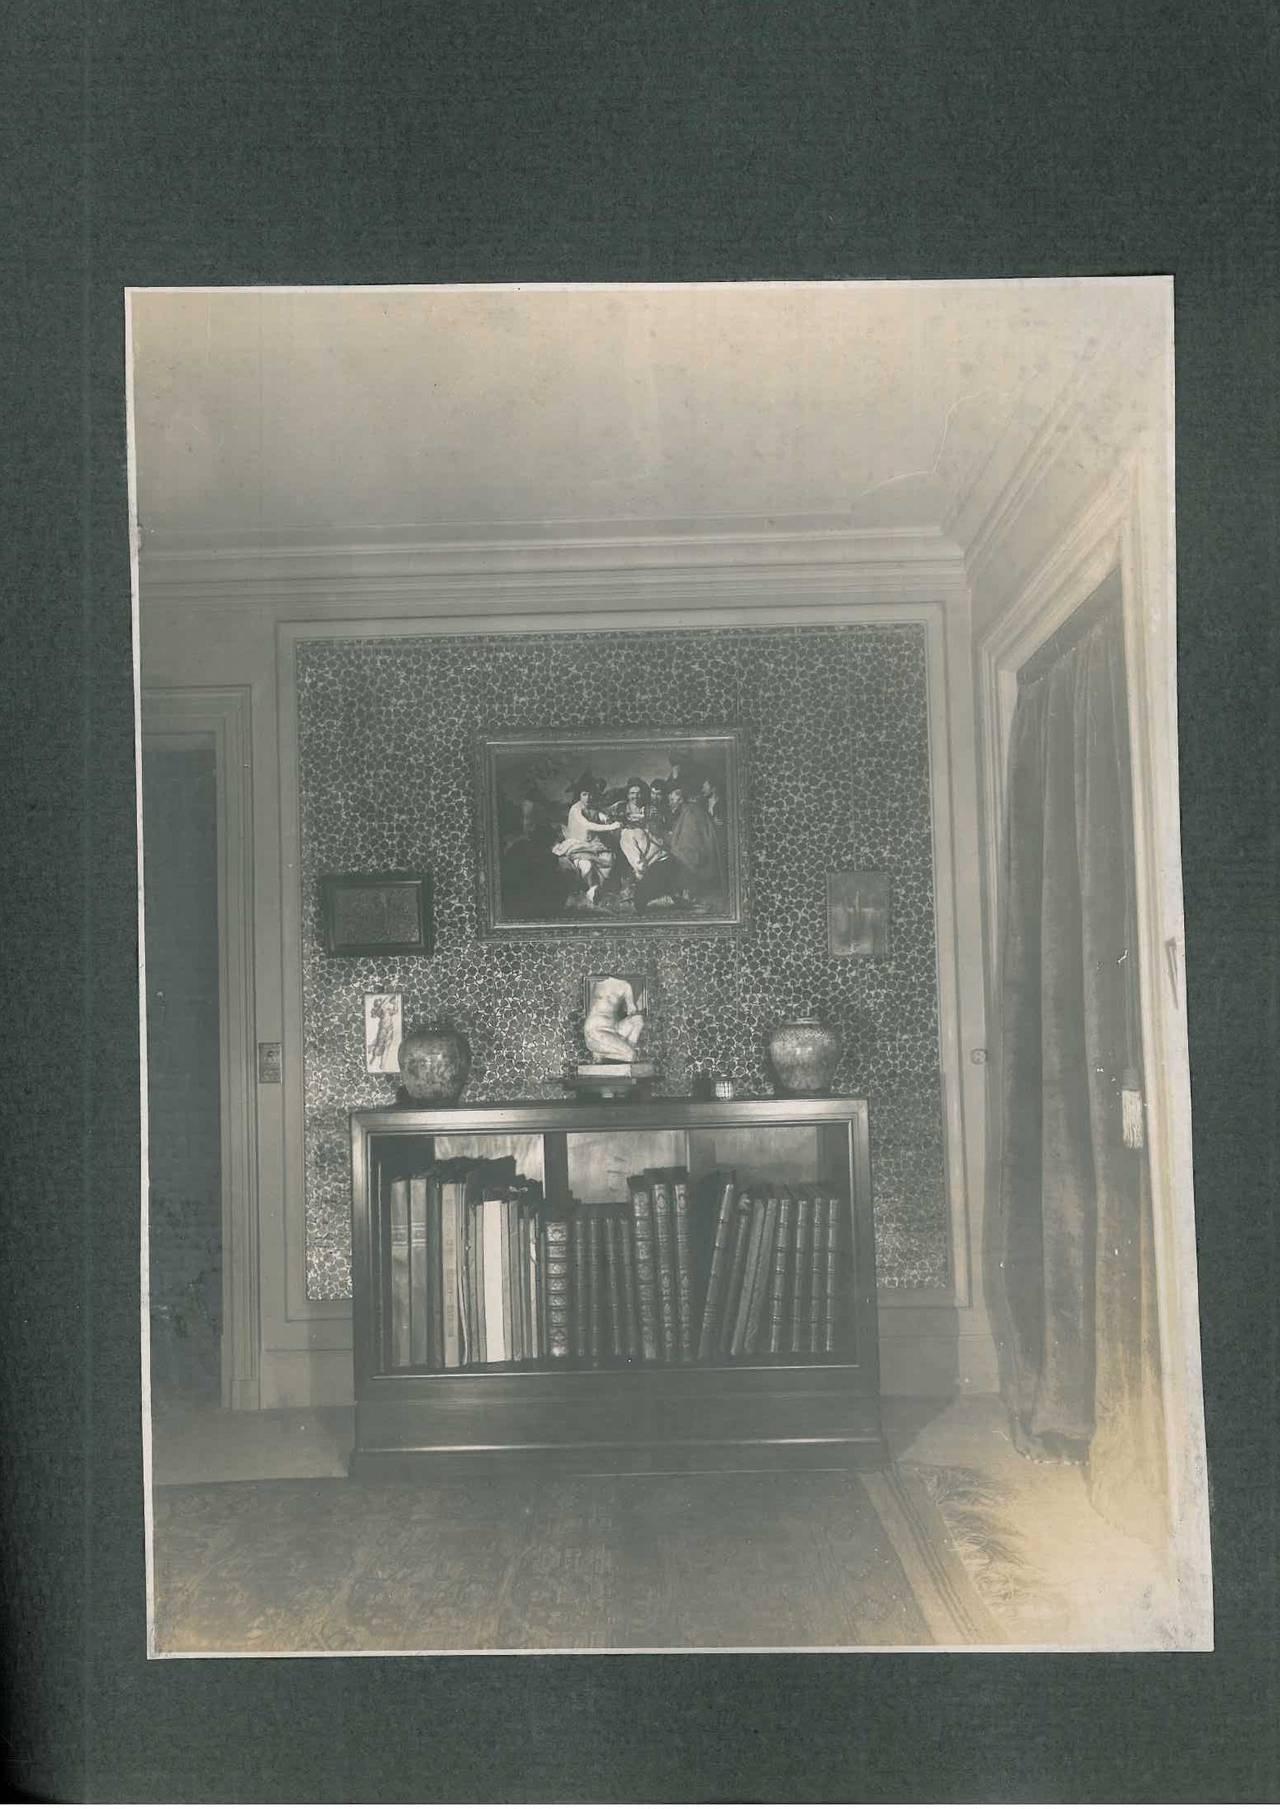 Ruhlmann Vintage Photograph Album For Sale 2